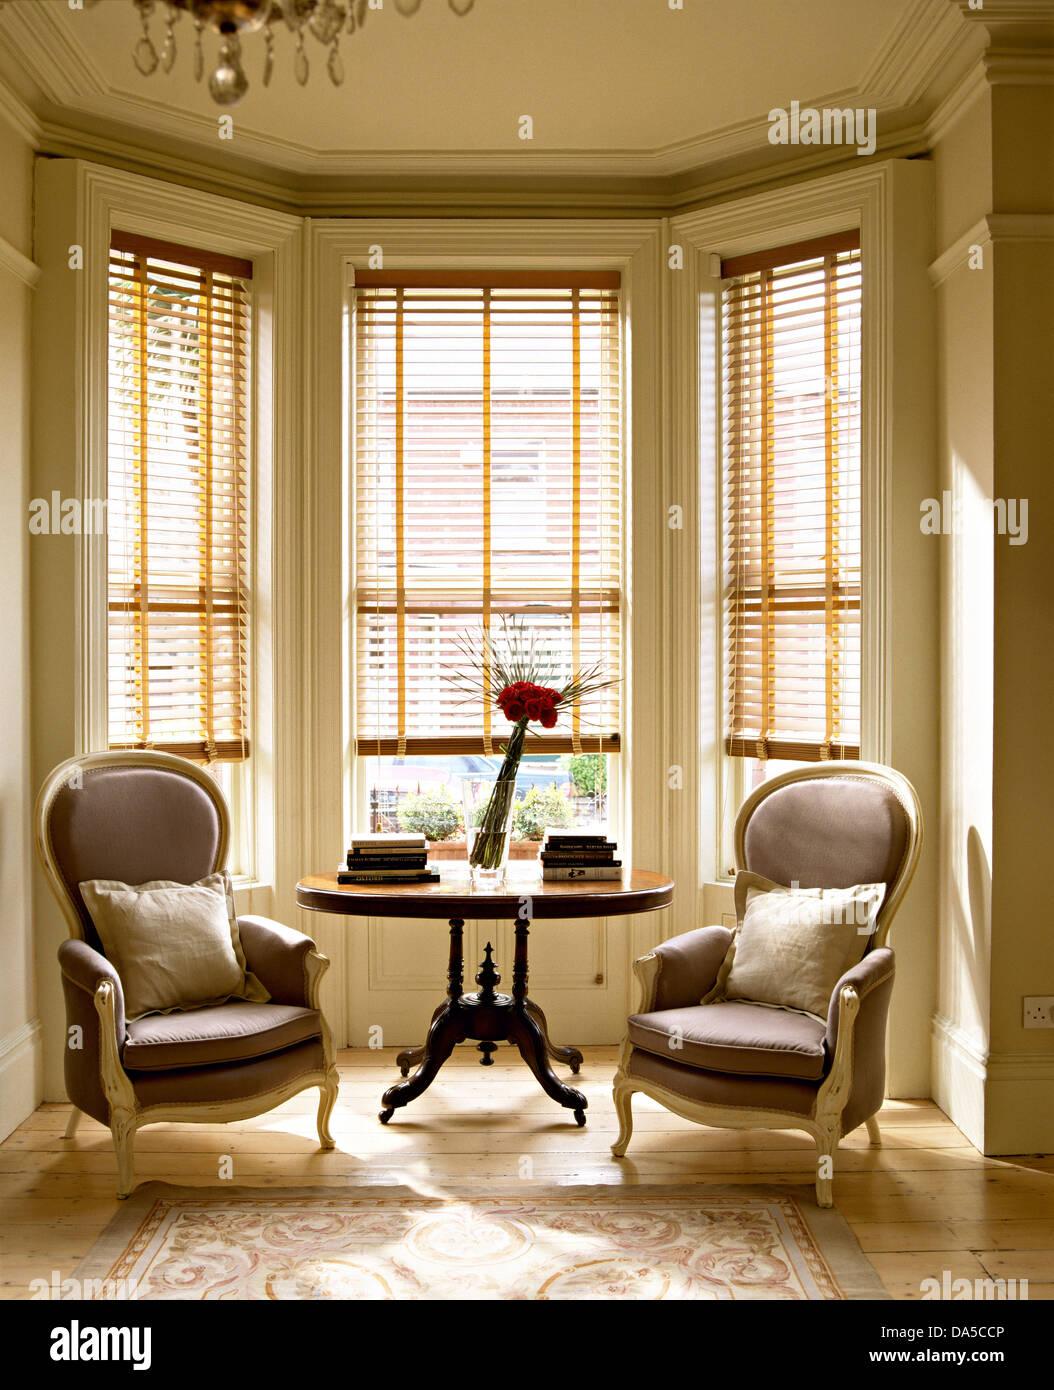 Wohnzimmer mit paar viktorianischen Stil Stühle auf beiden Seiten ...